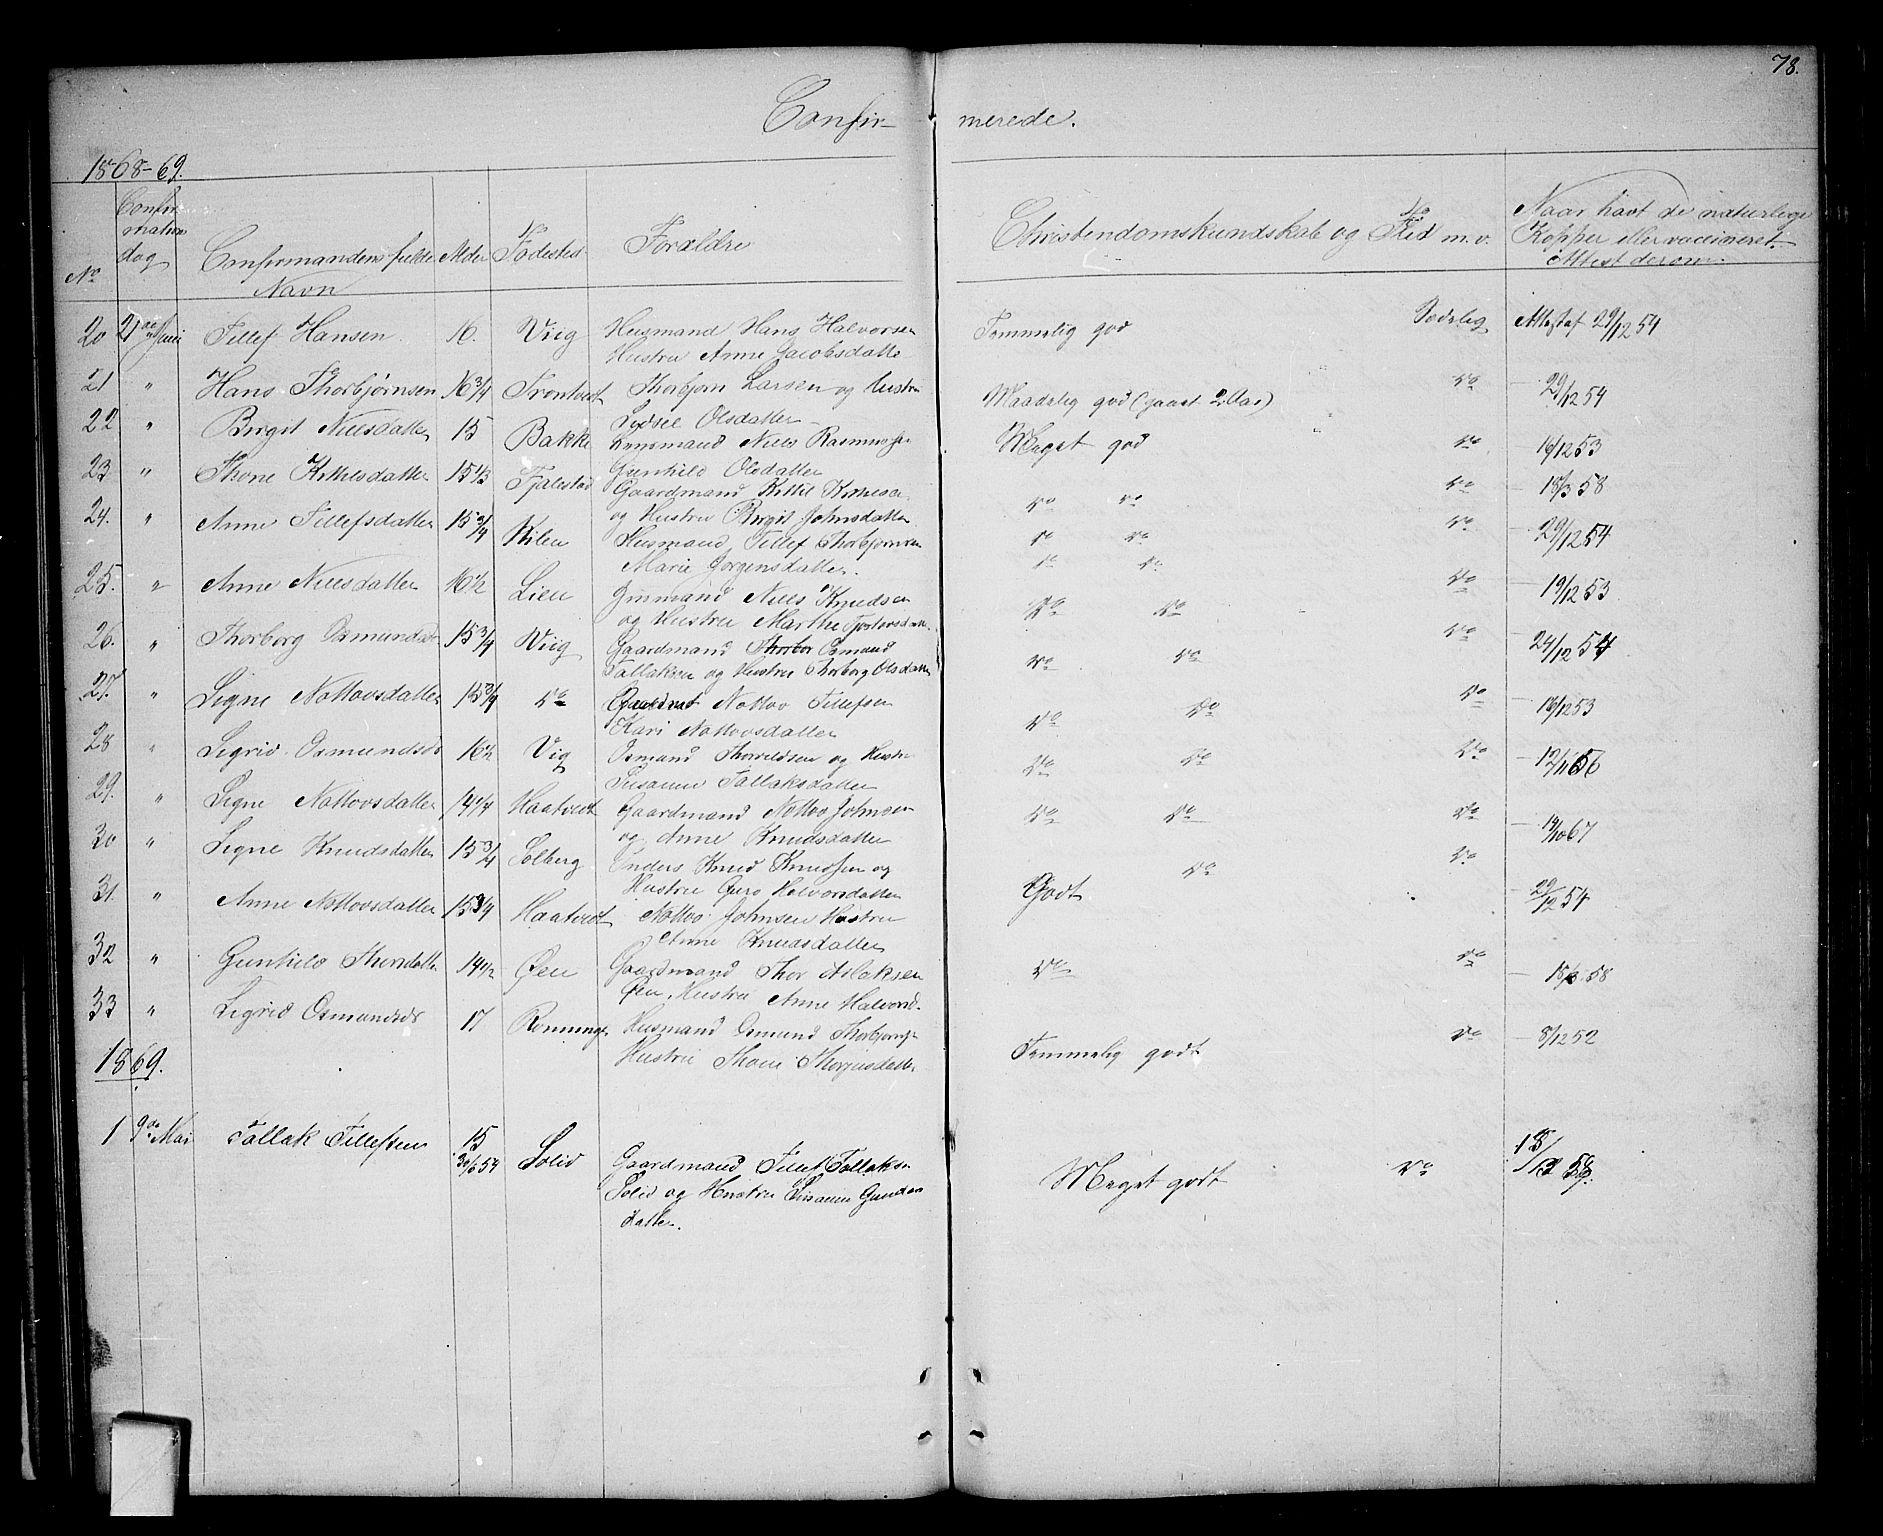 SAKO, Nissedal kirkebøker, G/Ga/L0002: Klokkerbok nr. I 2, 1861-1887, s. 78